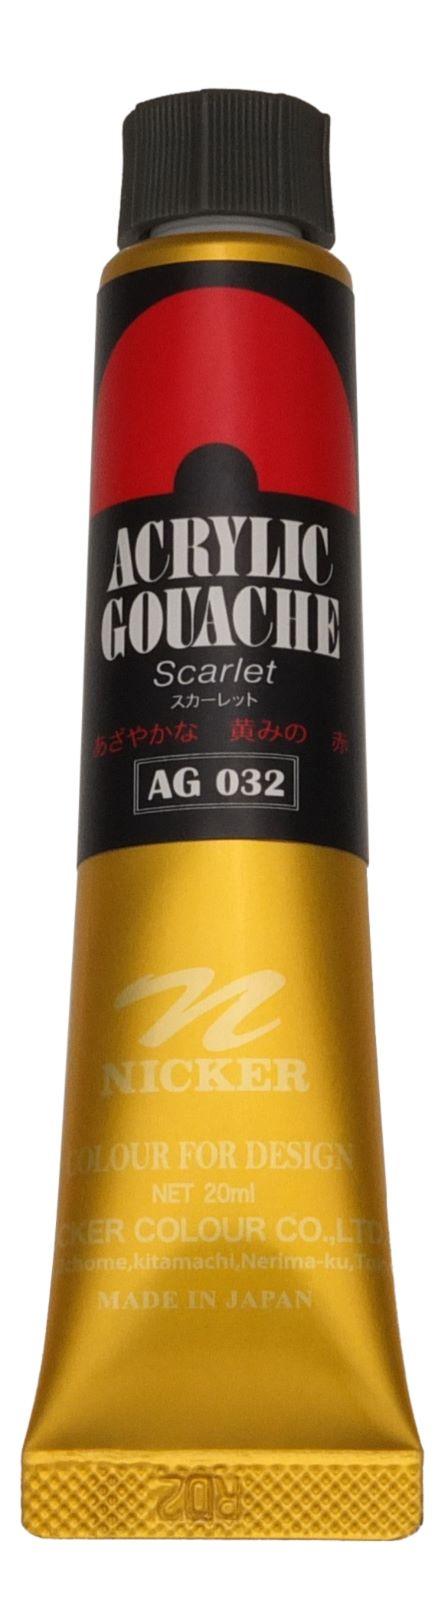 ACRYLIC GOUACHE 20ml AG032 SCARLET